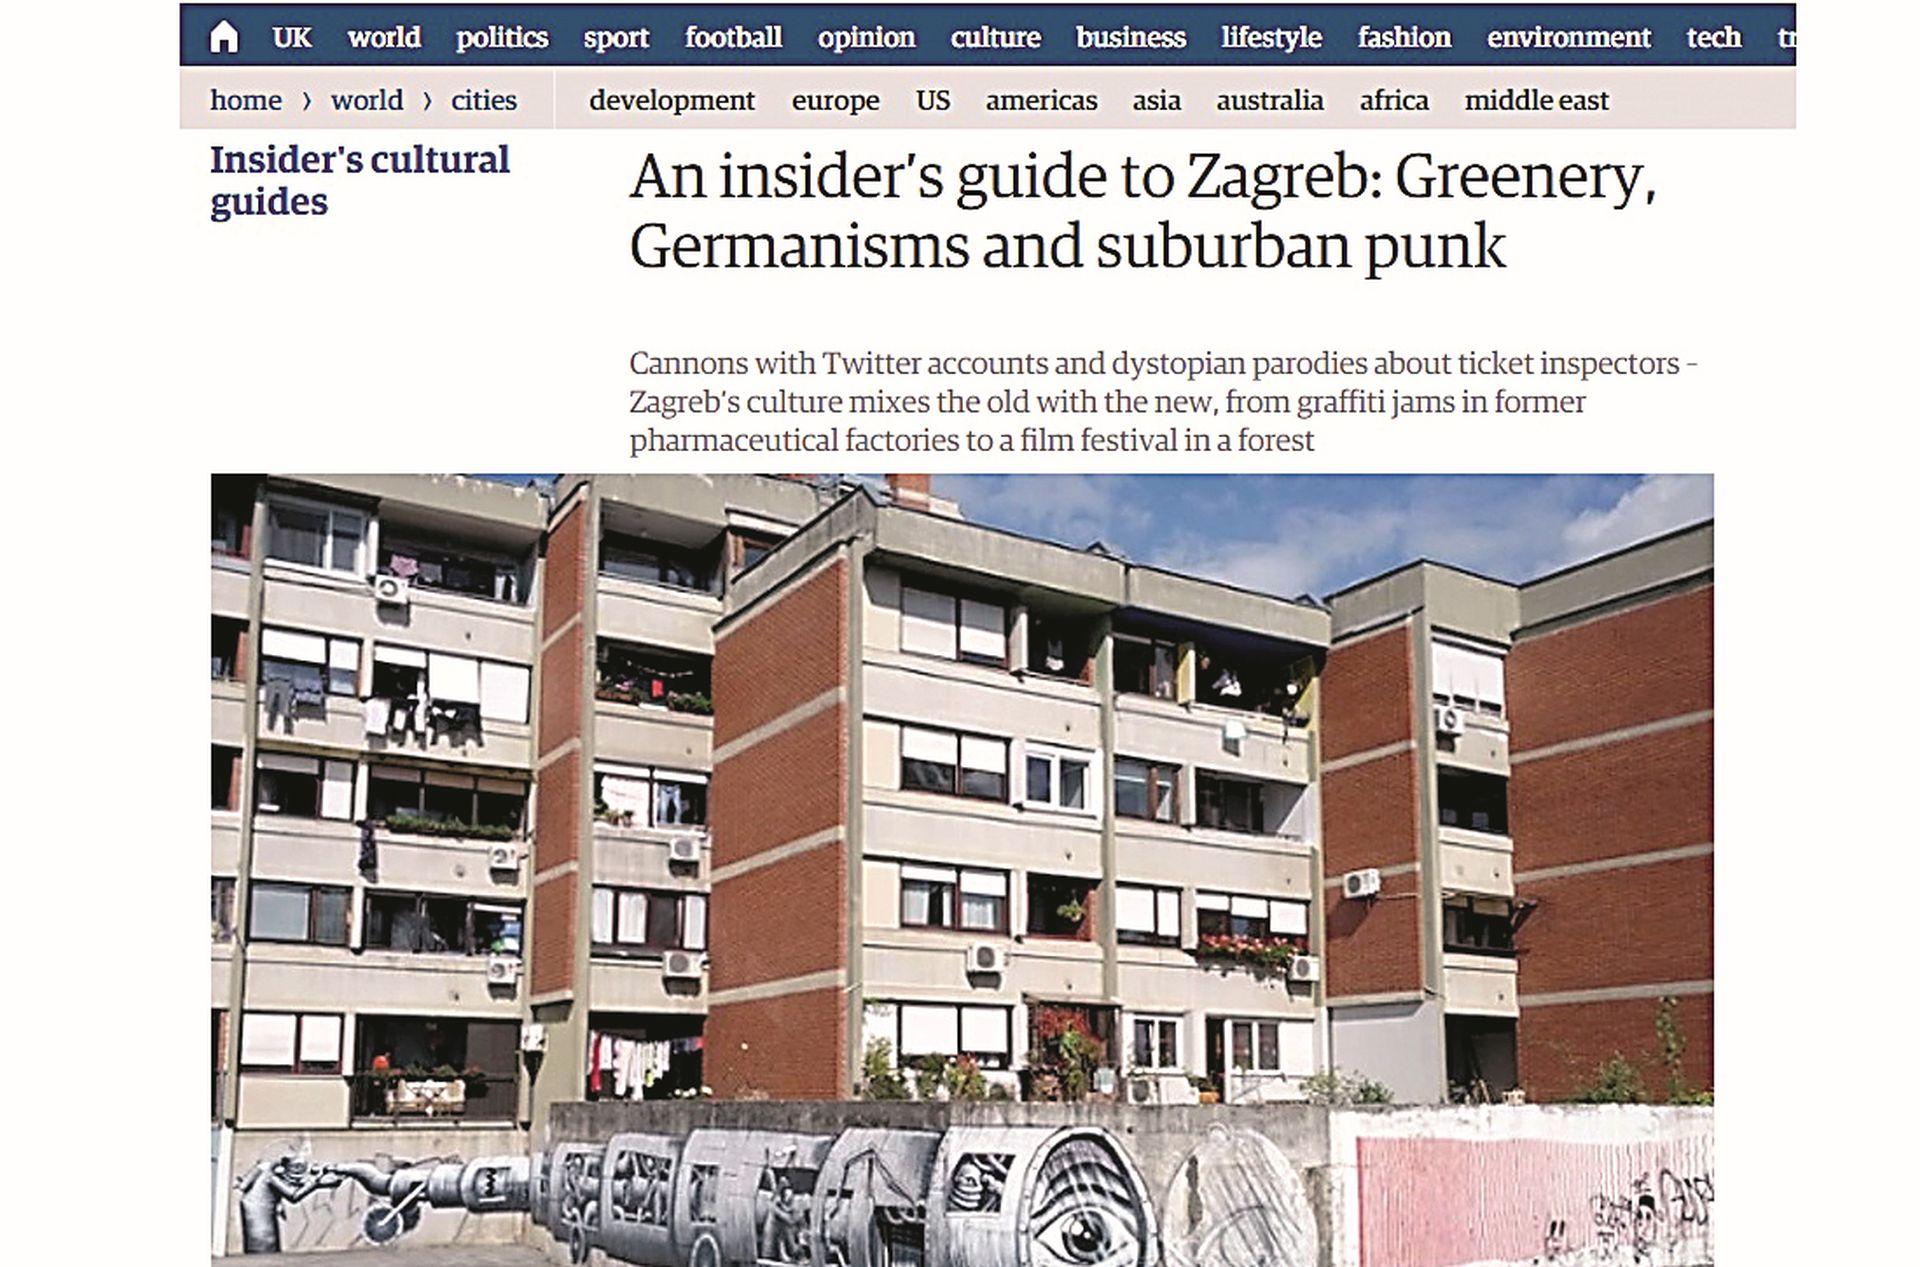 Kolumnist Nacionala završio na stranicama uglednog Guardiana